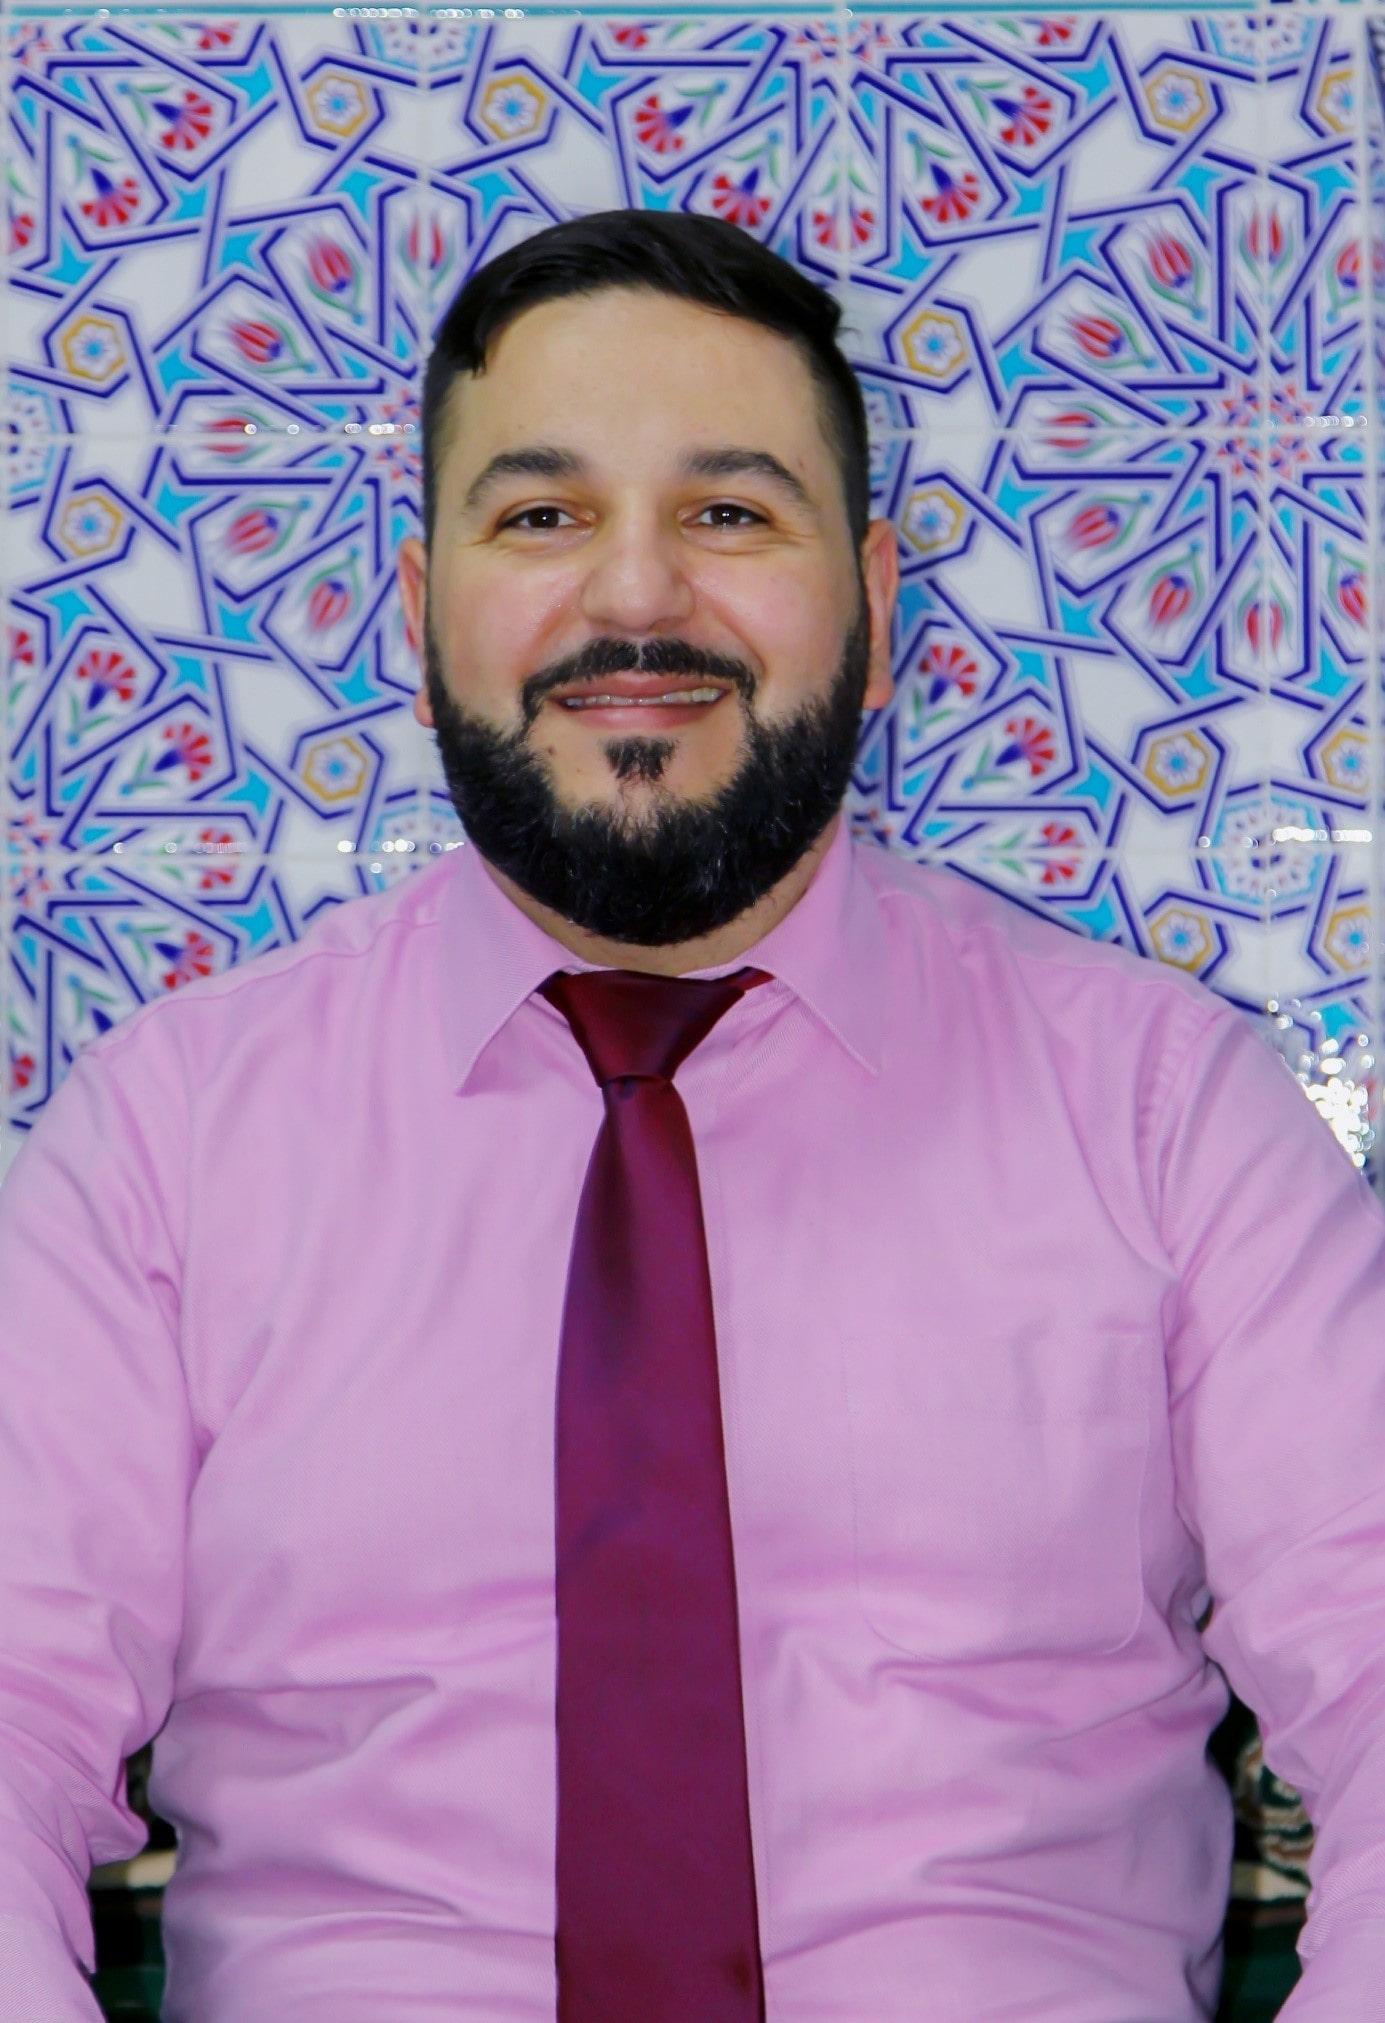 Halil Ibrahim Mermi